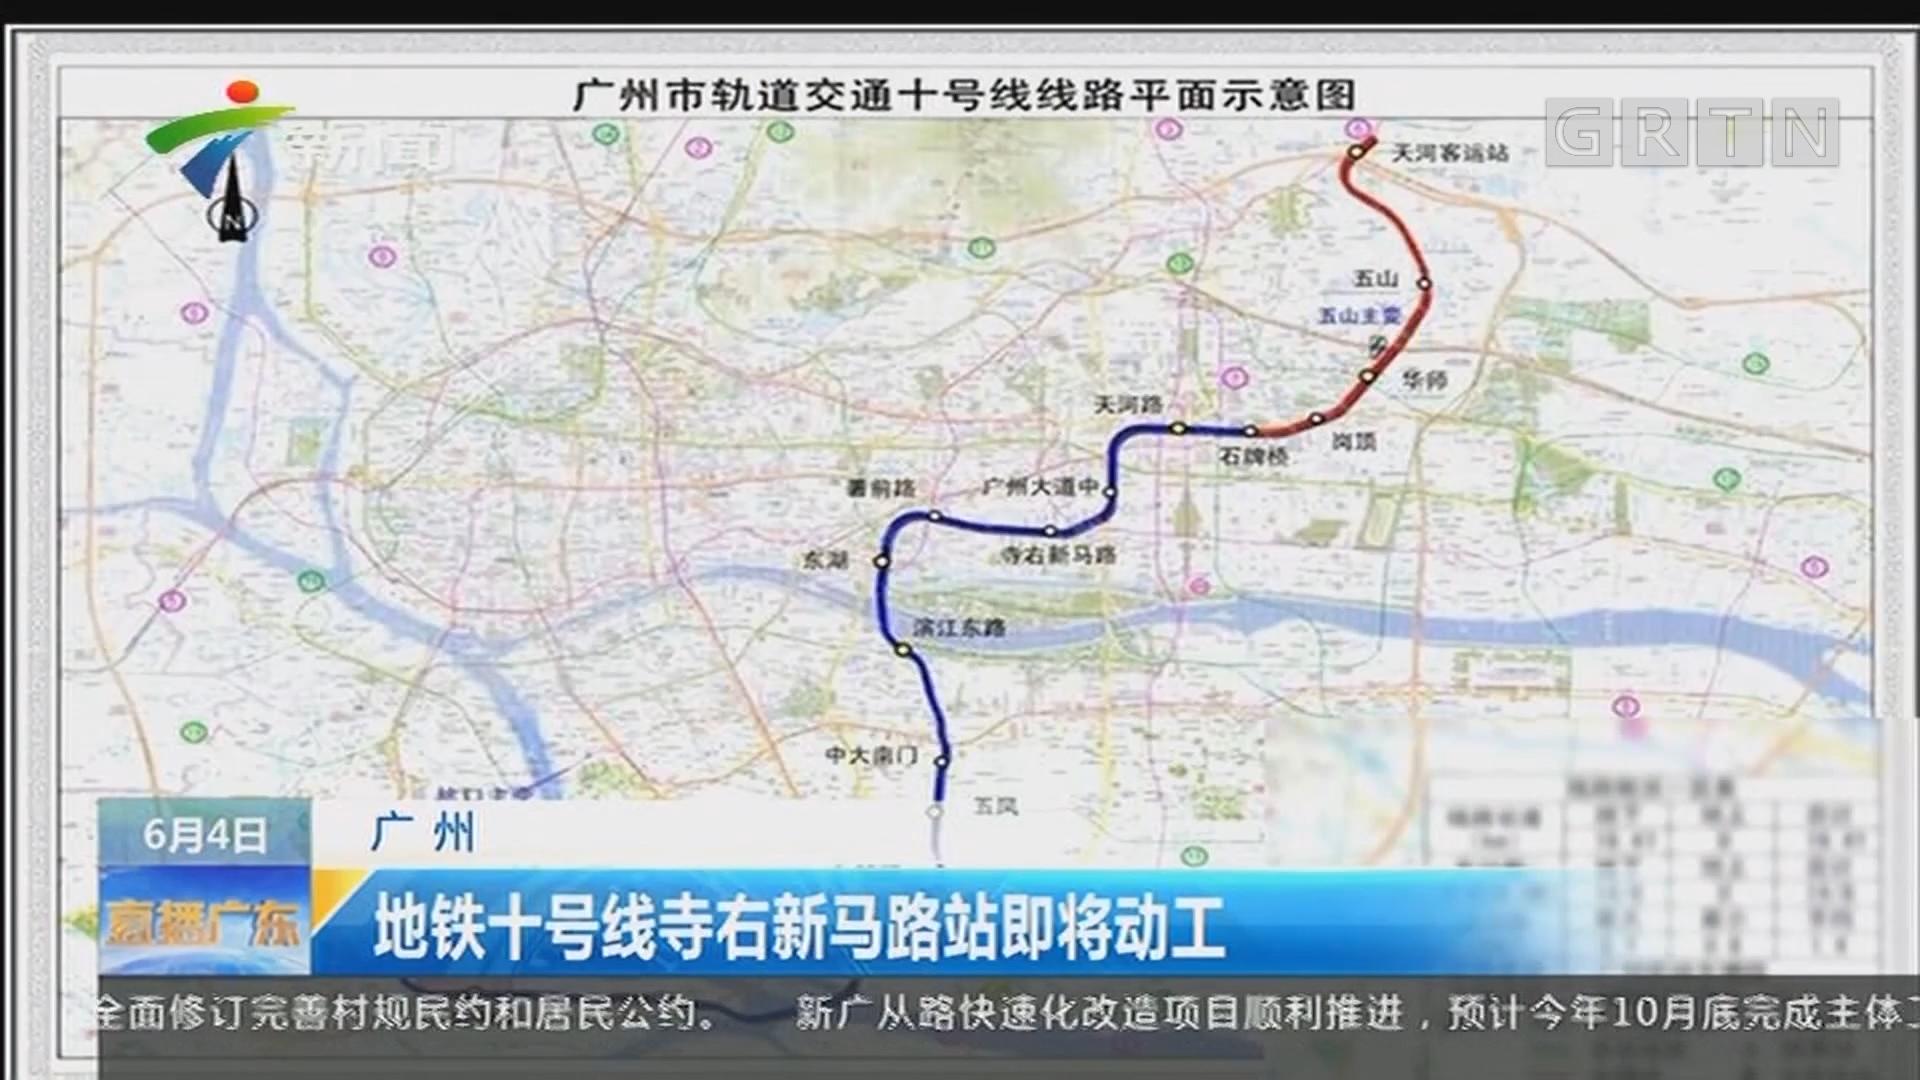 广州:地铁十号线寺右新马路站即将动工